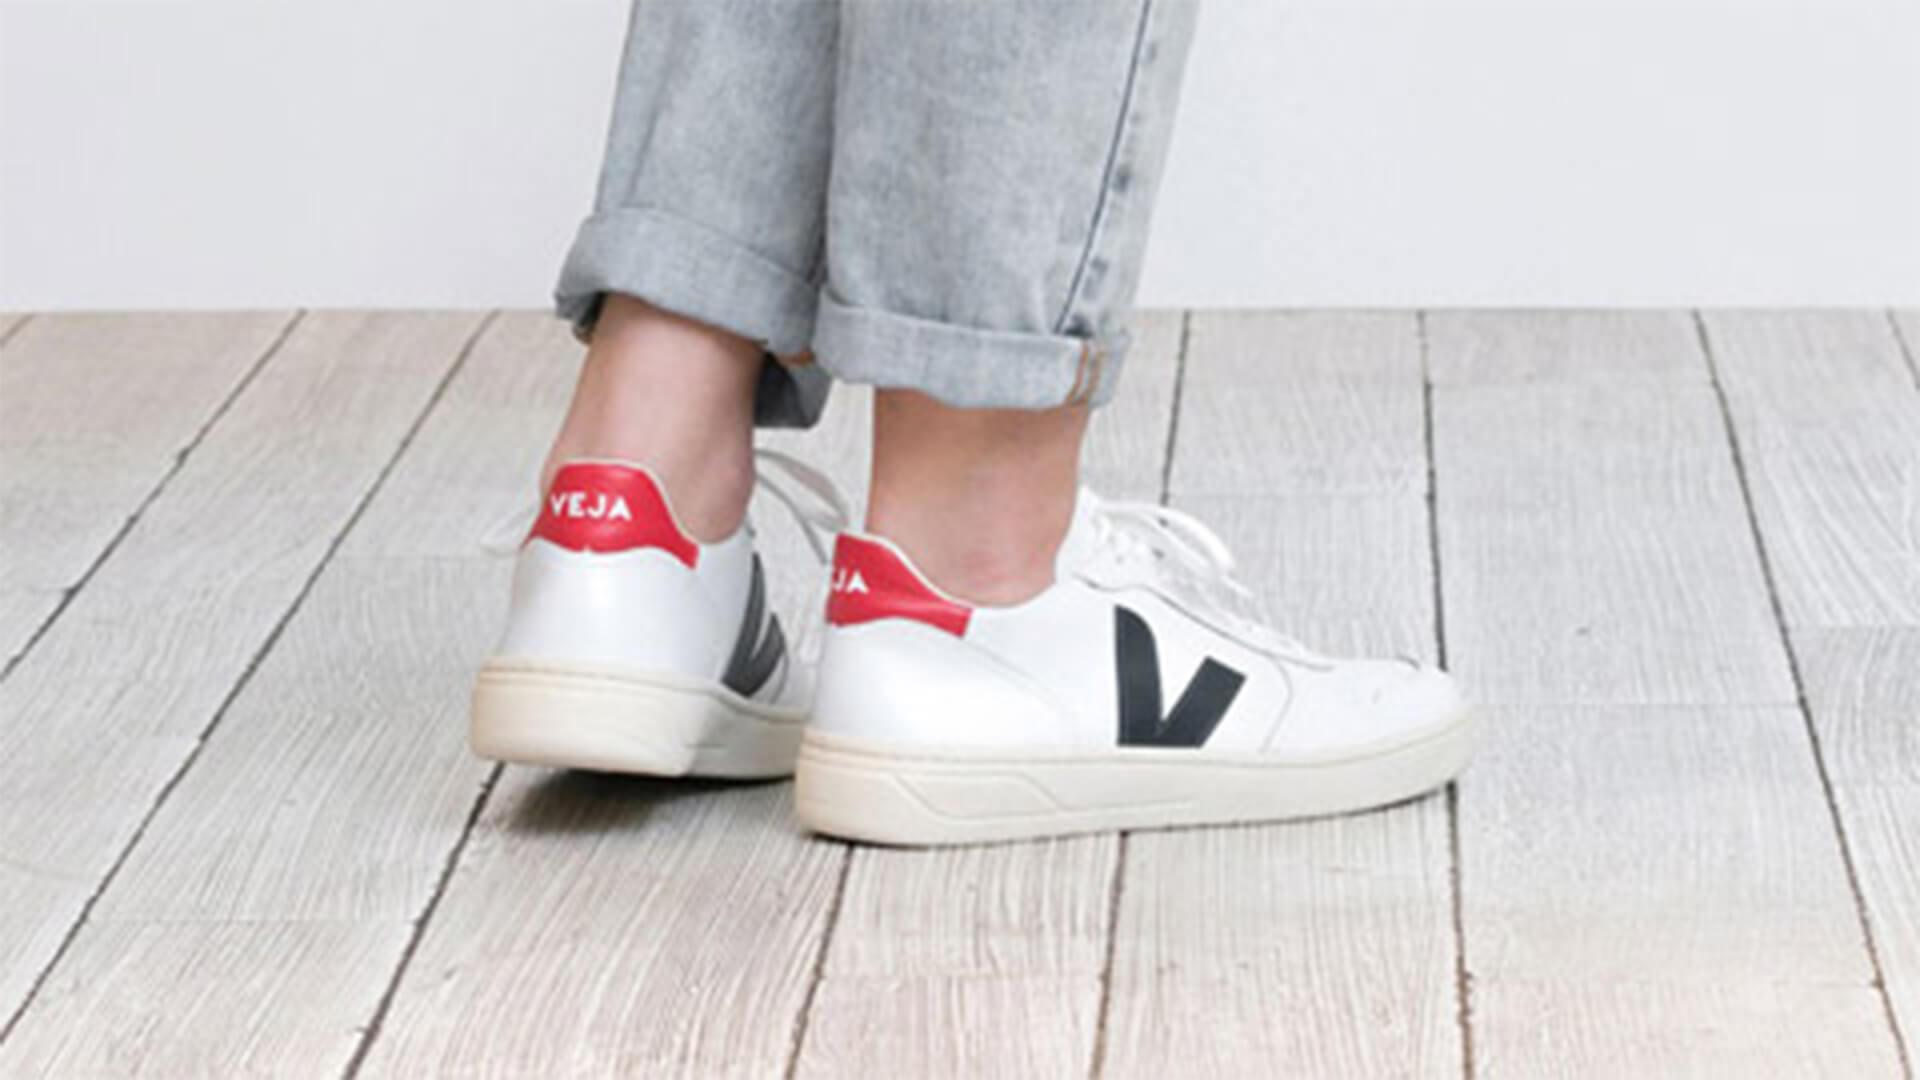 VEJA-partie-chaussure (1)